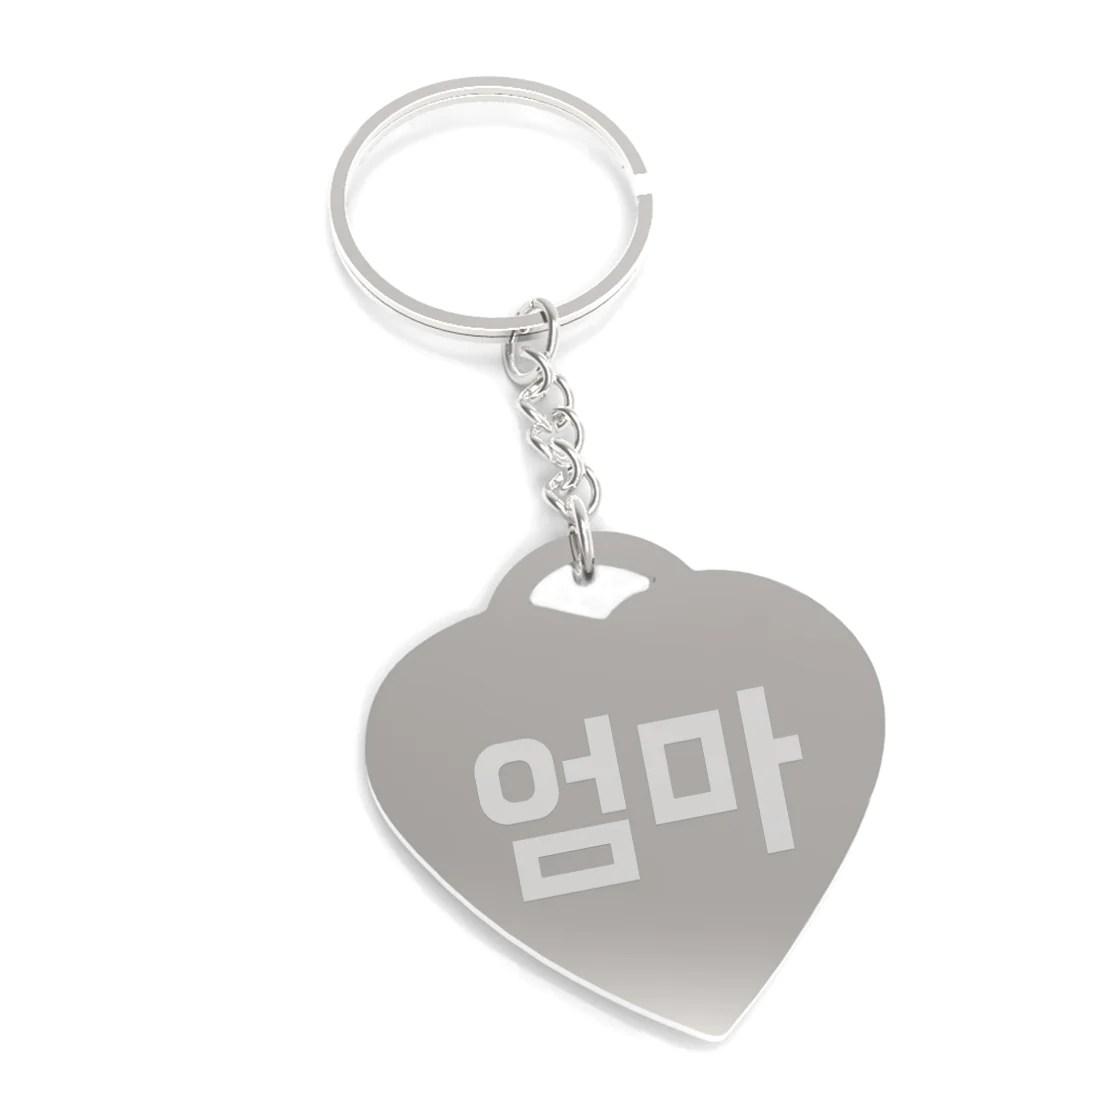 Mom Korean Letters Gift Novelty Key Chain Engraved Gift For Moms